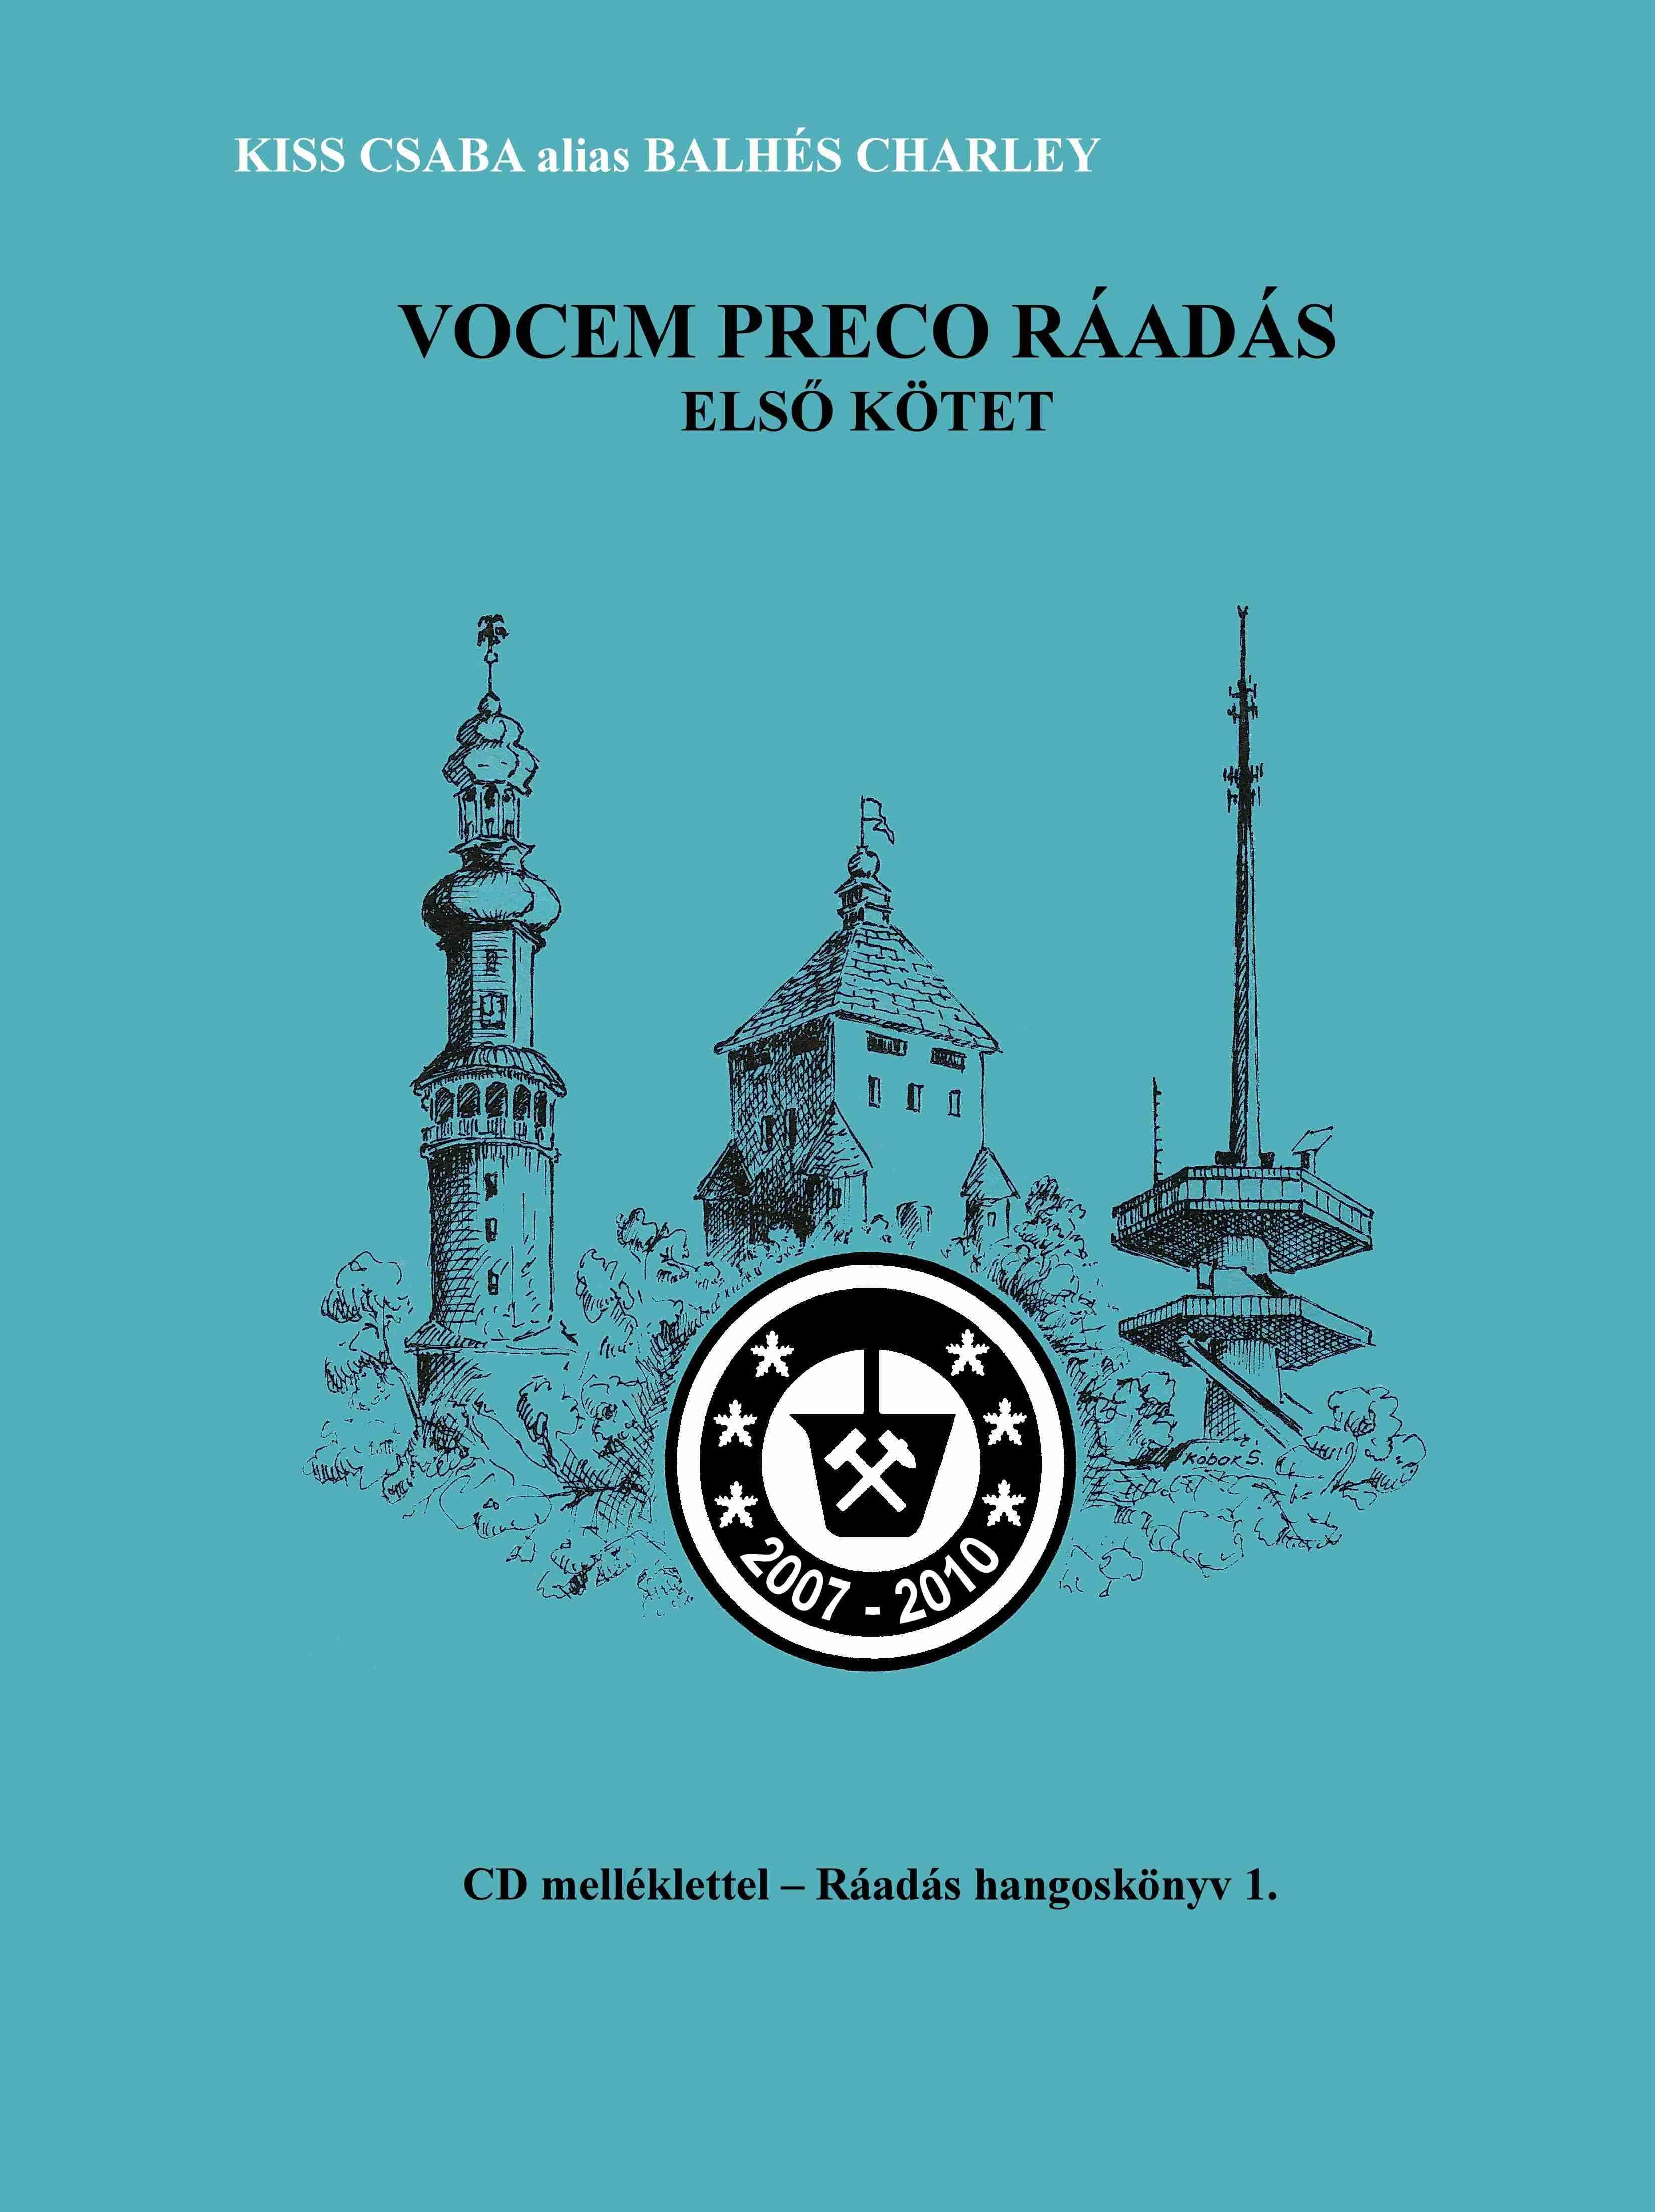 KISS CSABA ALIAS BALHÉS CHARLEY - VOCEM PRECO RÁADÁS I-II. - CD MELLÉKLETTEL!